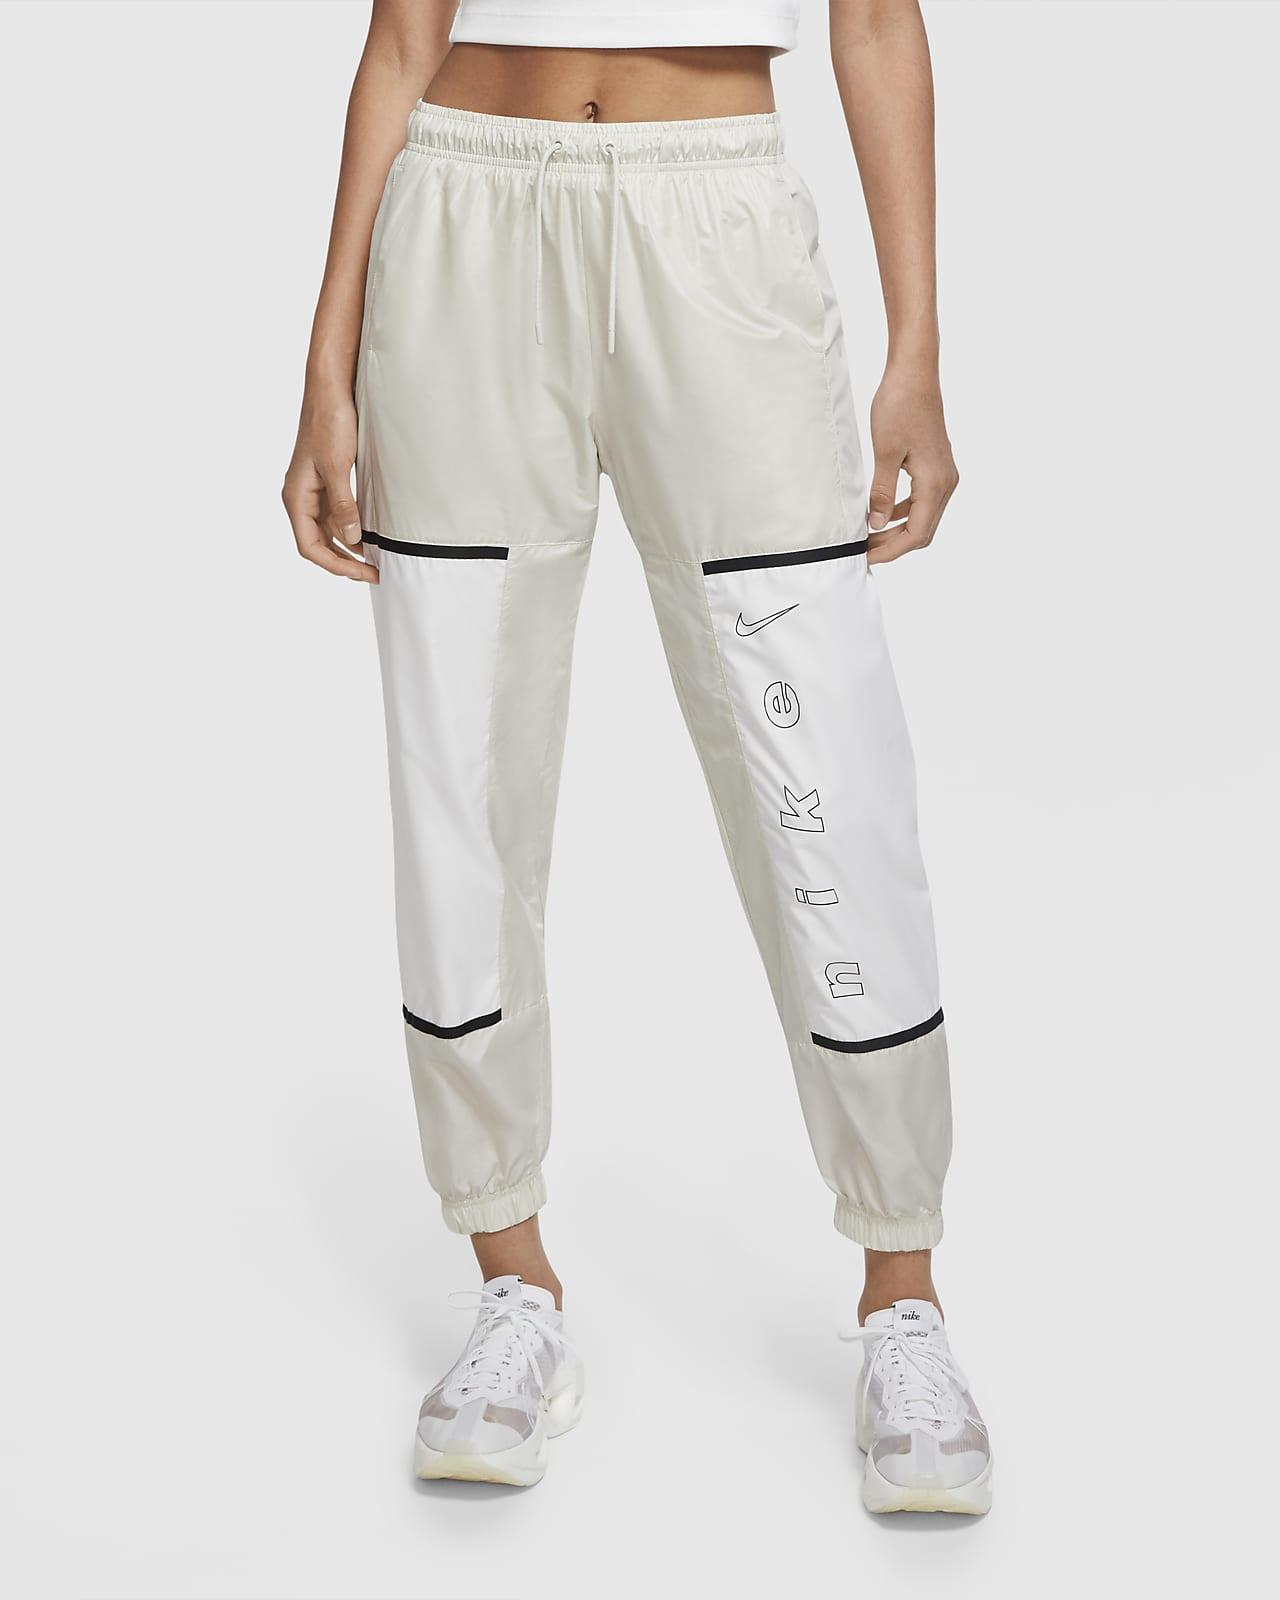 Nike Sportswear Dokuma Kadın Eşofman Altı